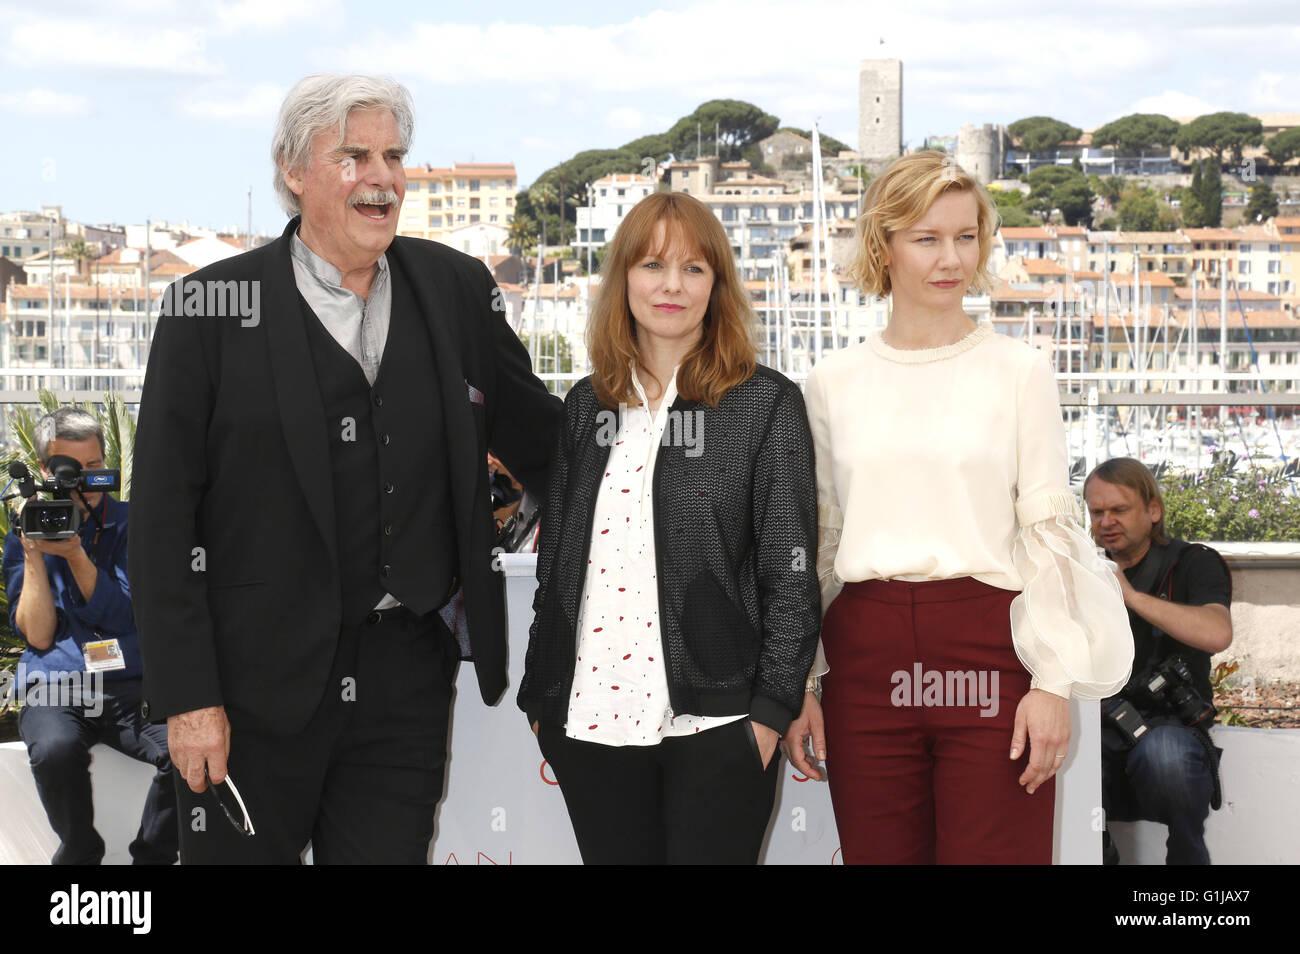 Peter Simonischek, Maren Ade et Sandra Hüller au 'Toni' Erdmann photocall lors de la 69 e édition du Festival de Cannes au Palais des Festivals le 14 mai 2016 dans le monde d'utilisation | Banque D'Images